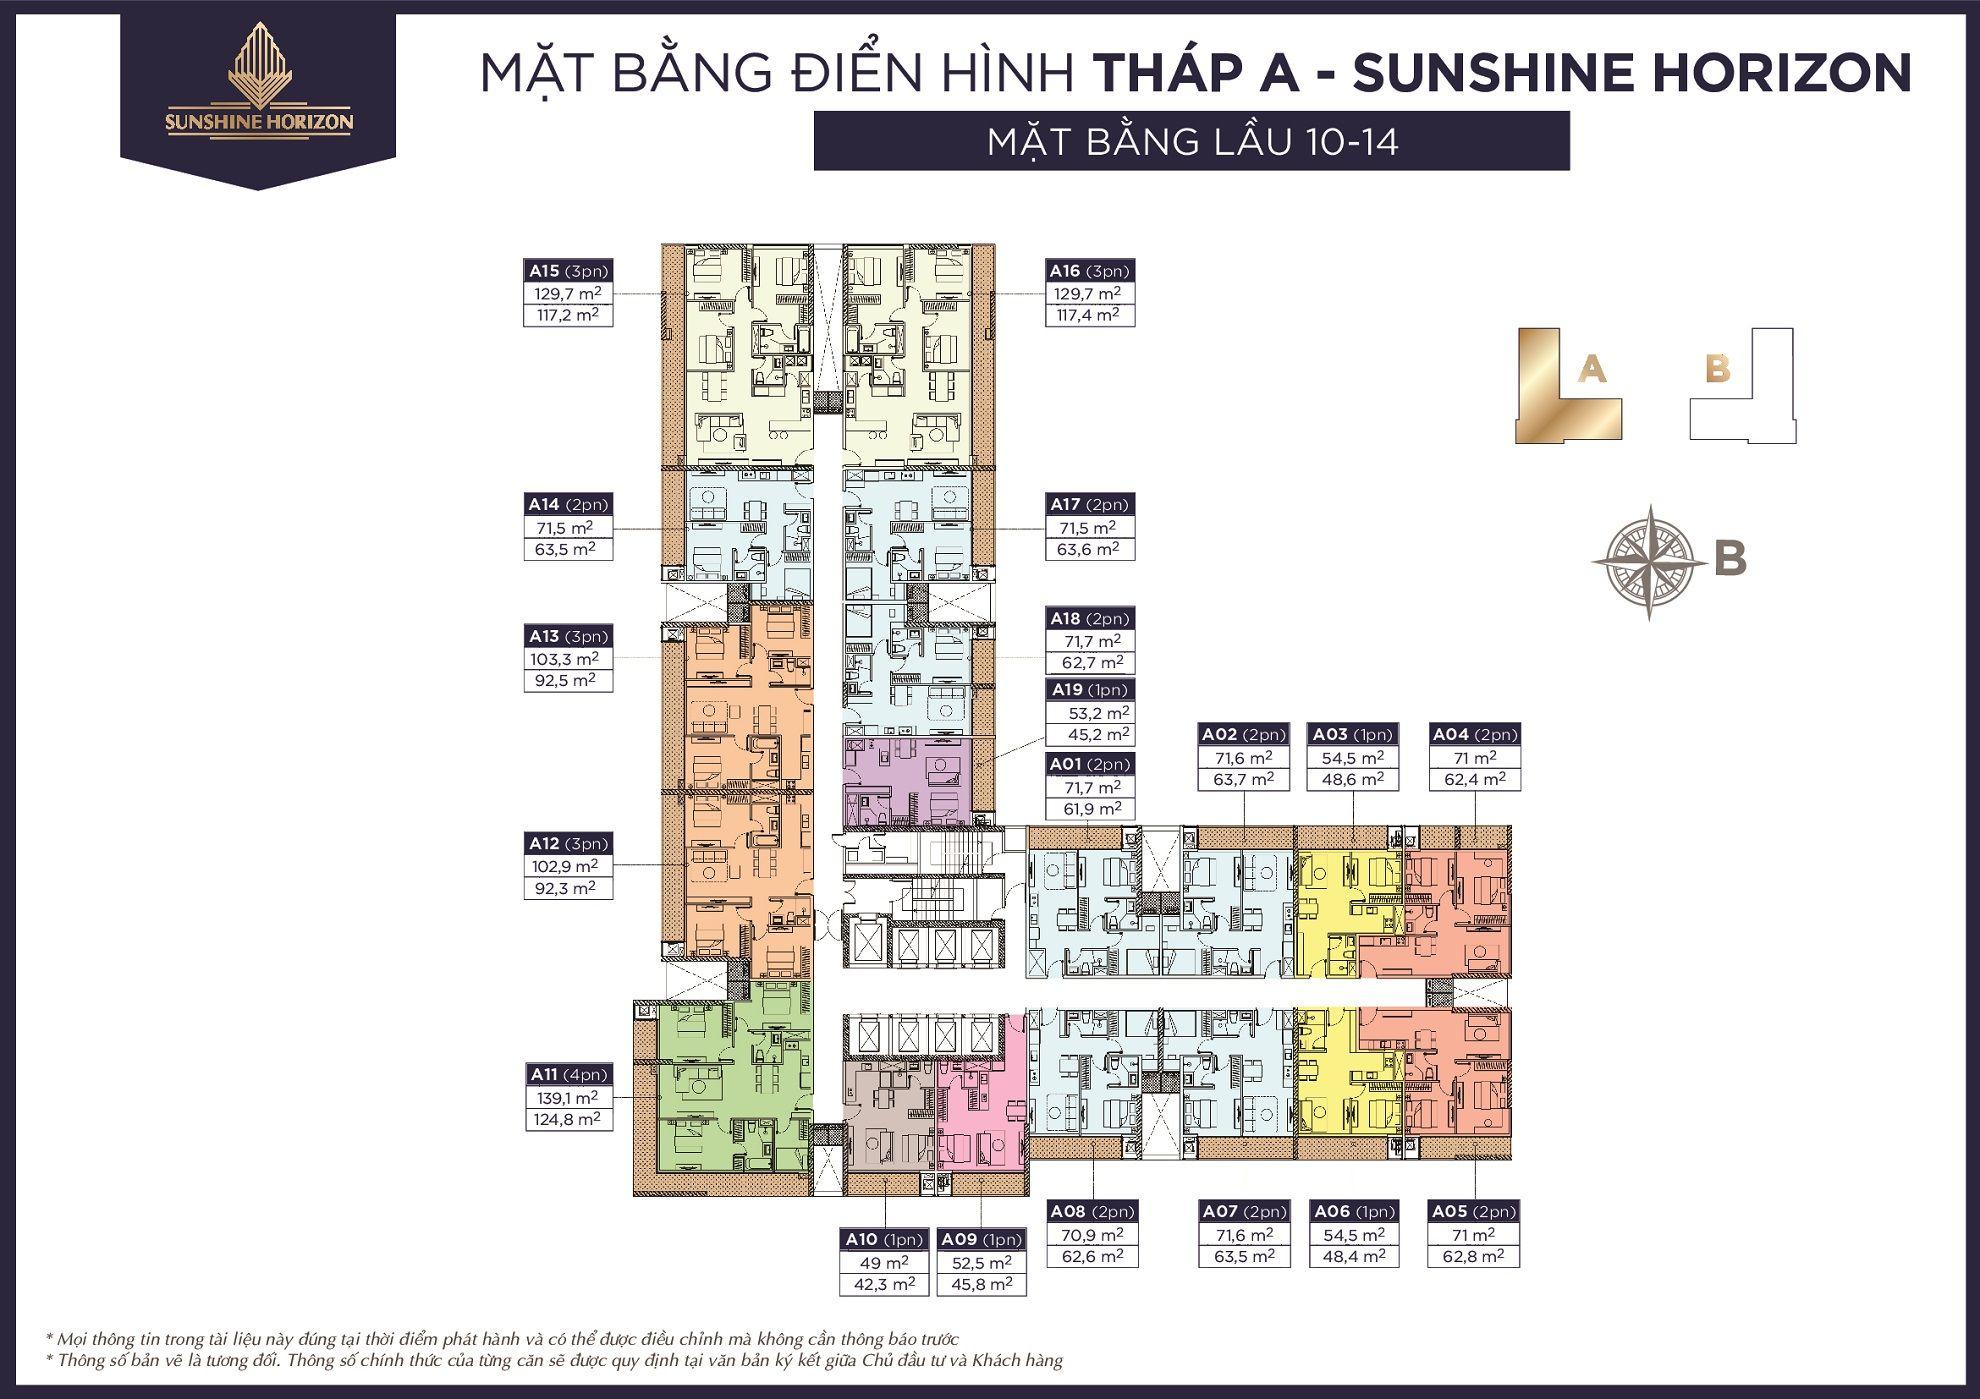 mat-bang-dien-hinh-tang-10-15-sunshine-horizon-compressed